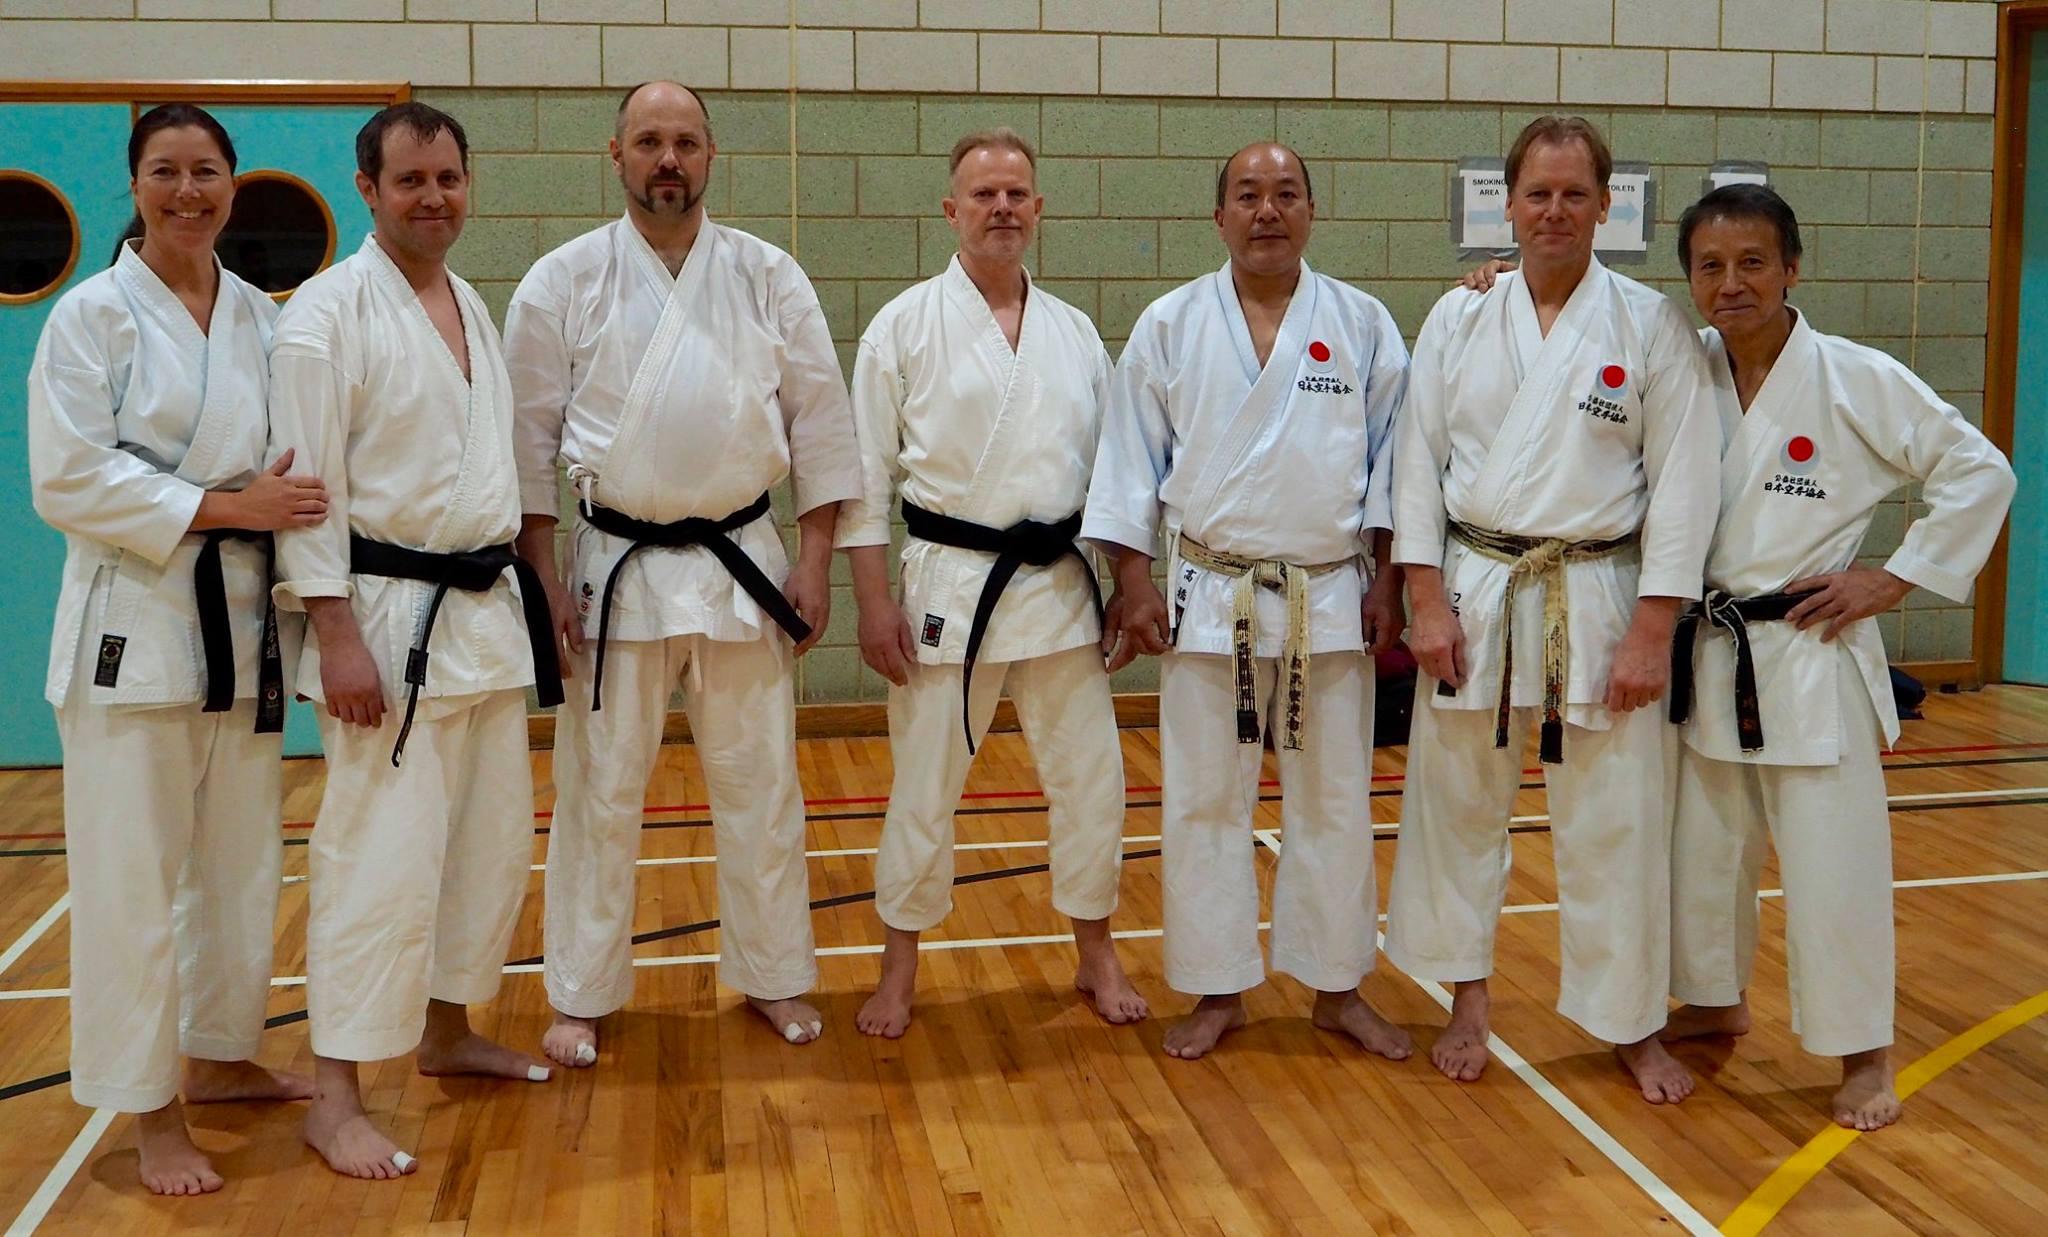 Vegar, Jostein, Marianne, Frank, Ronny G og Ronny R. – med Jostein Sæthre og Ronny S Galteland.